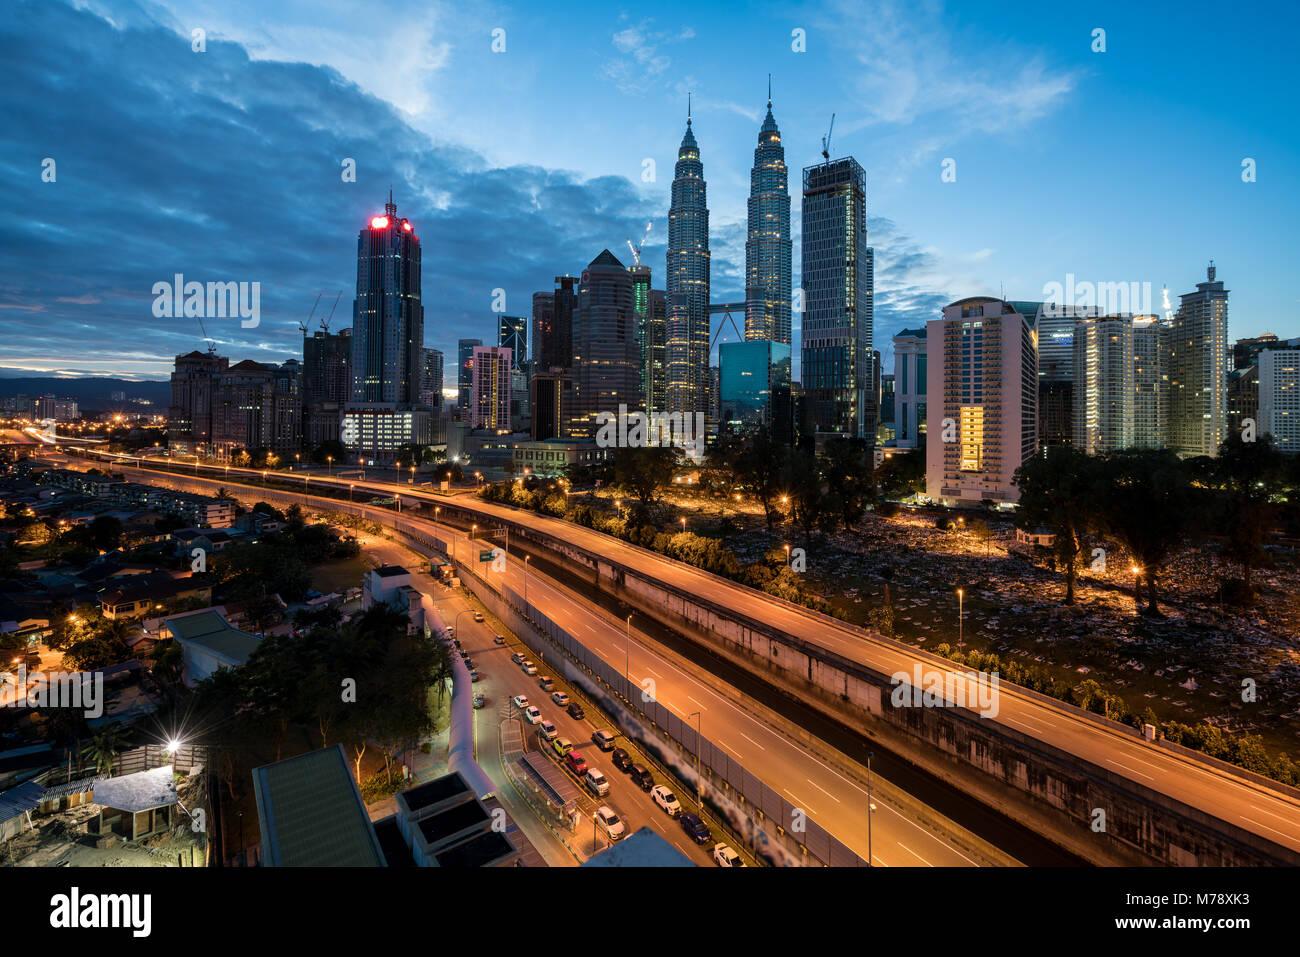 Toits de gratte-ciel de Kuala Lumpur et à l'autoroute route de nuit à Kuala Lumpur, Malaisie. L'Asie. Photo Stock